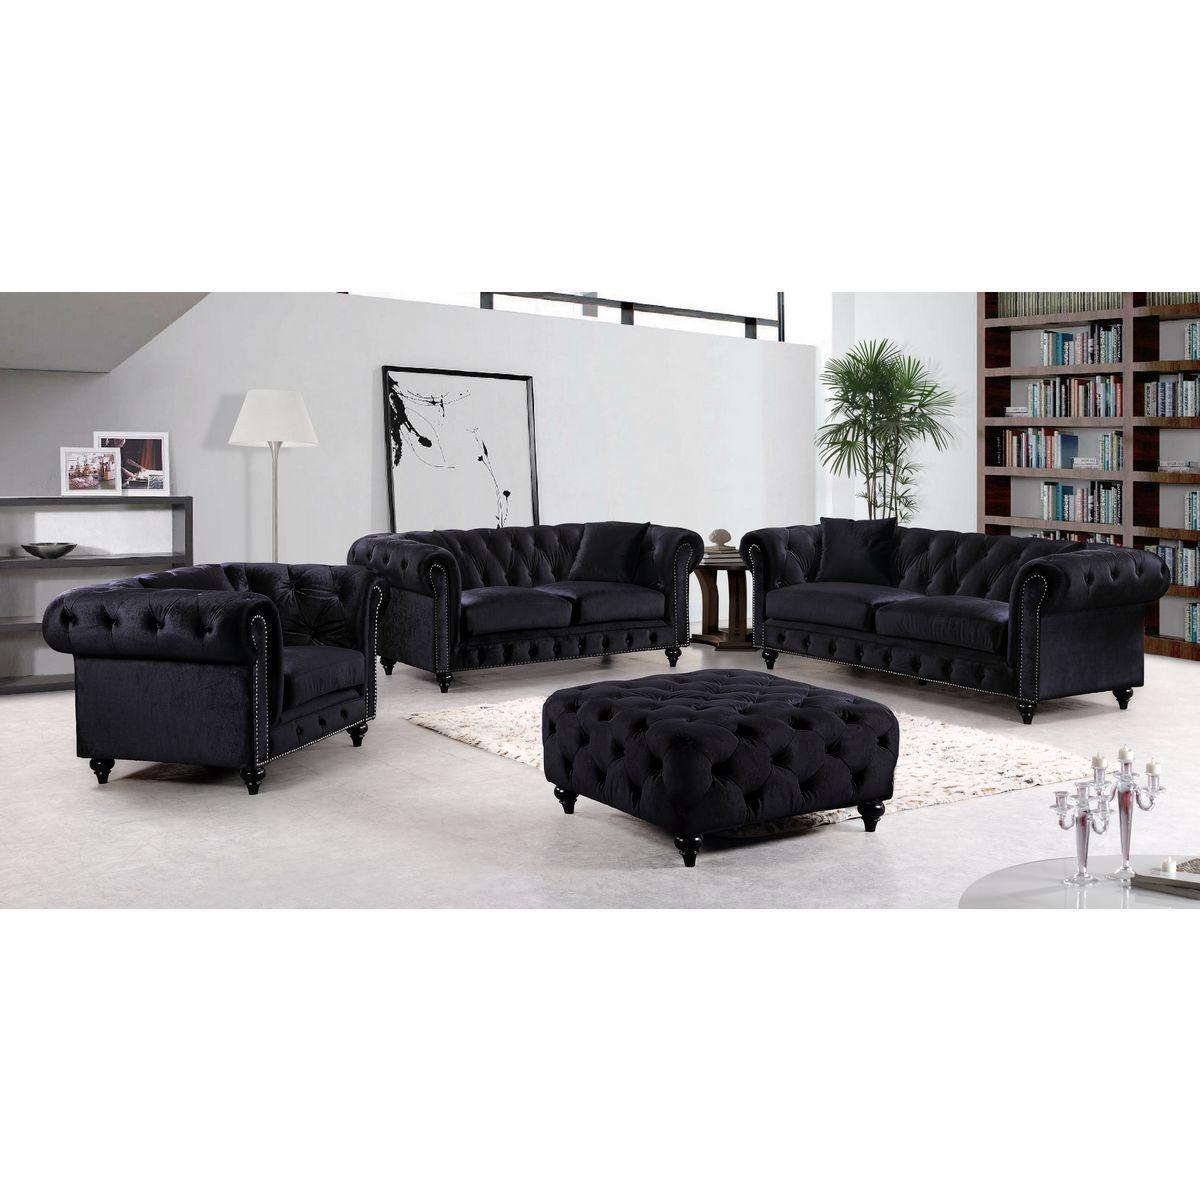 Meridian Furniture 662Bl S Chesterfield Tufted Black Velvet Sofa W Pertaining To Black Velvet Sofas (Image 10 of 20)